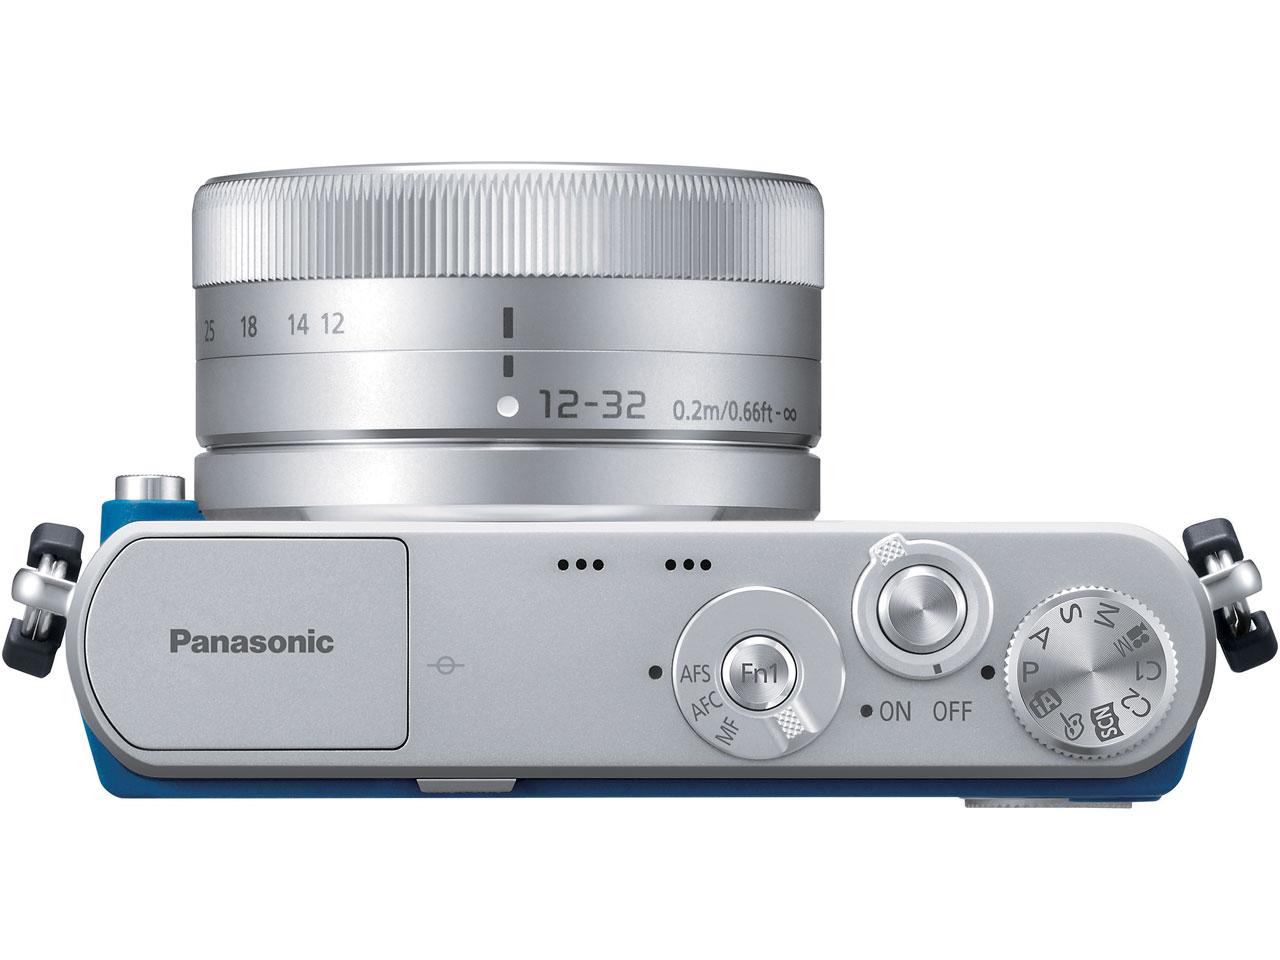 『本体 上面1』 LUMIX DMC-GM1SK-A レンズキット [ブルー] の製品画像